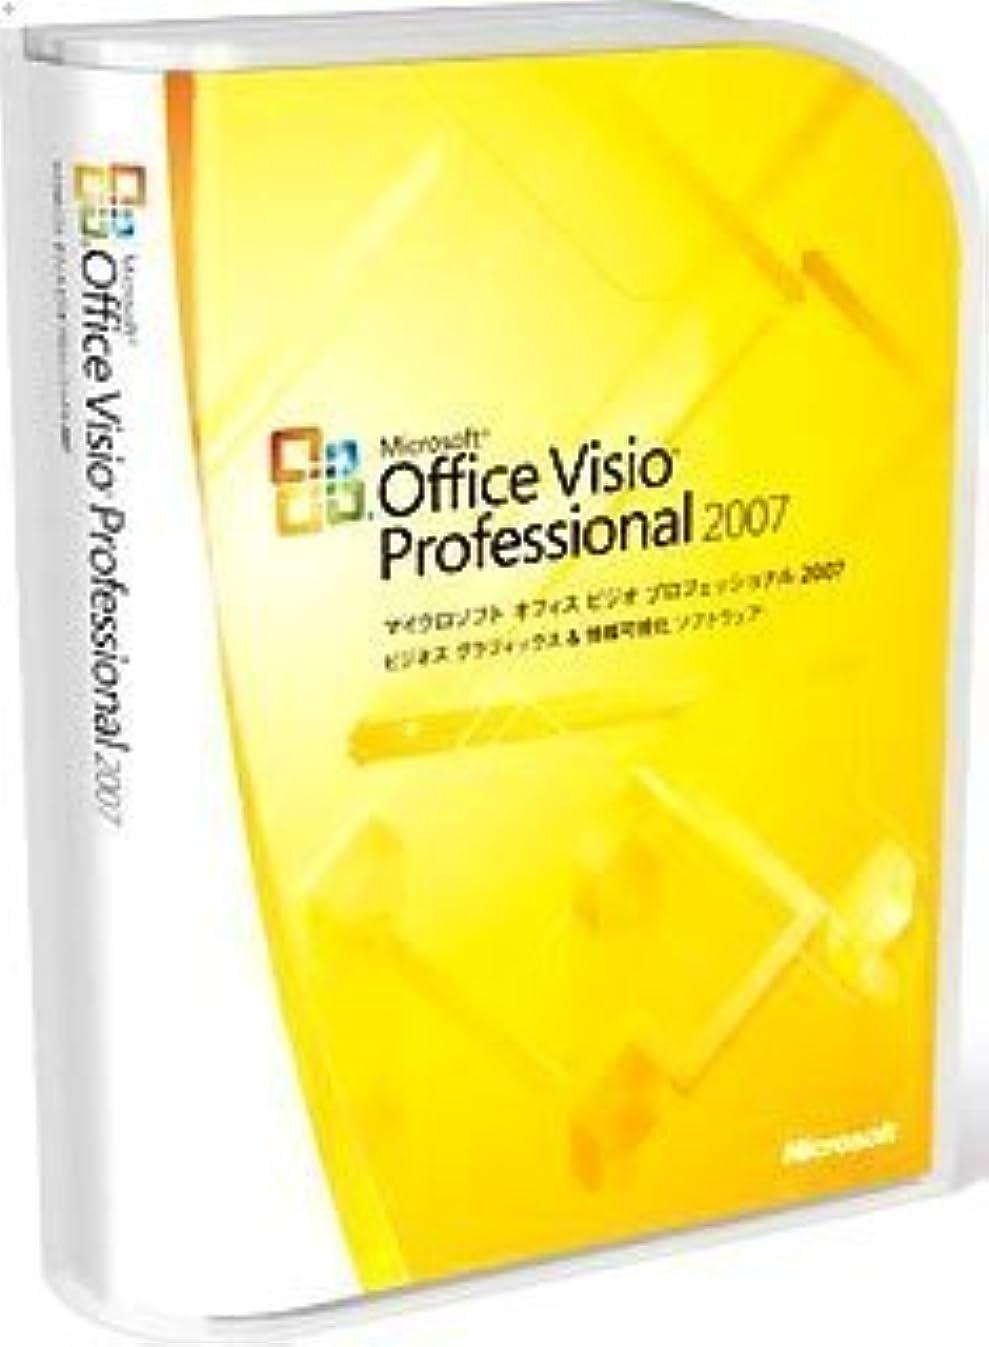 群がる征服ひいきにする【旧商品/メーカー出荷終了/サポート終了】Microsoft Office Visio Professional 2007